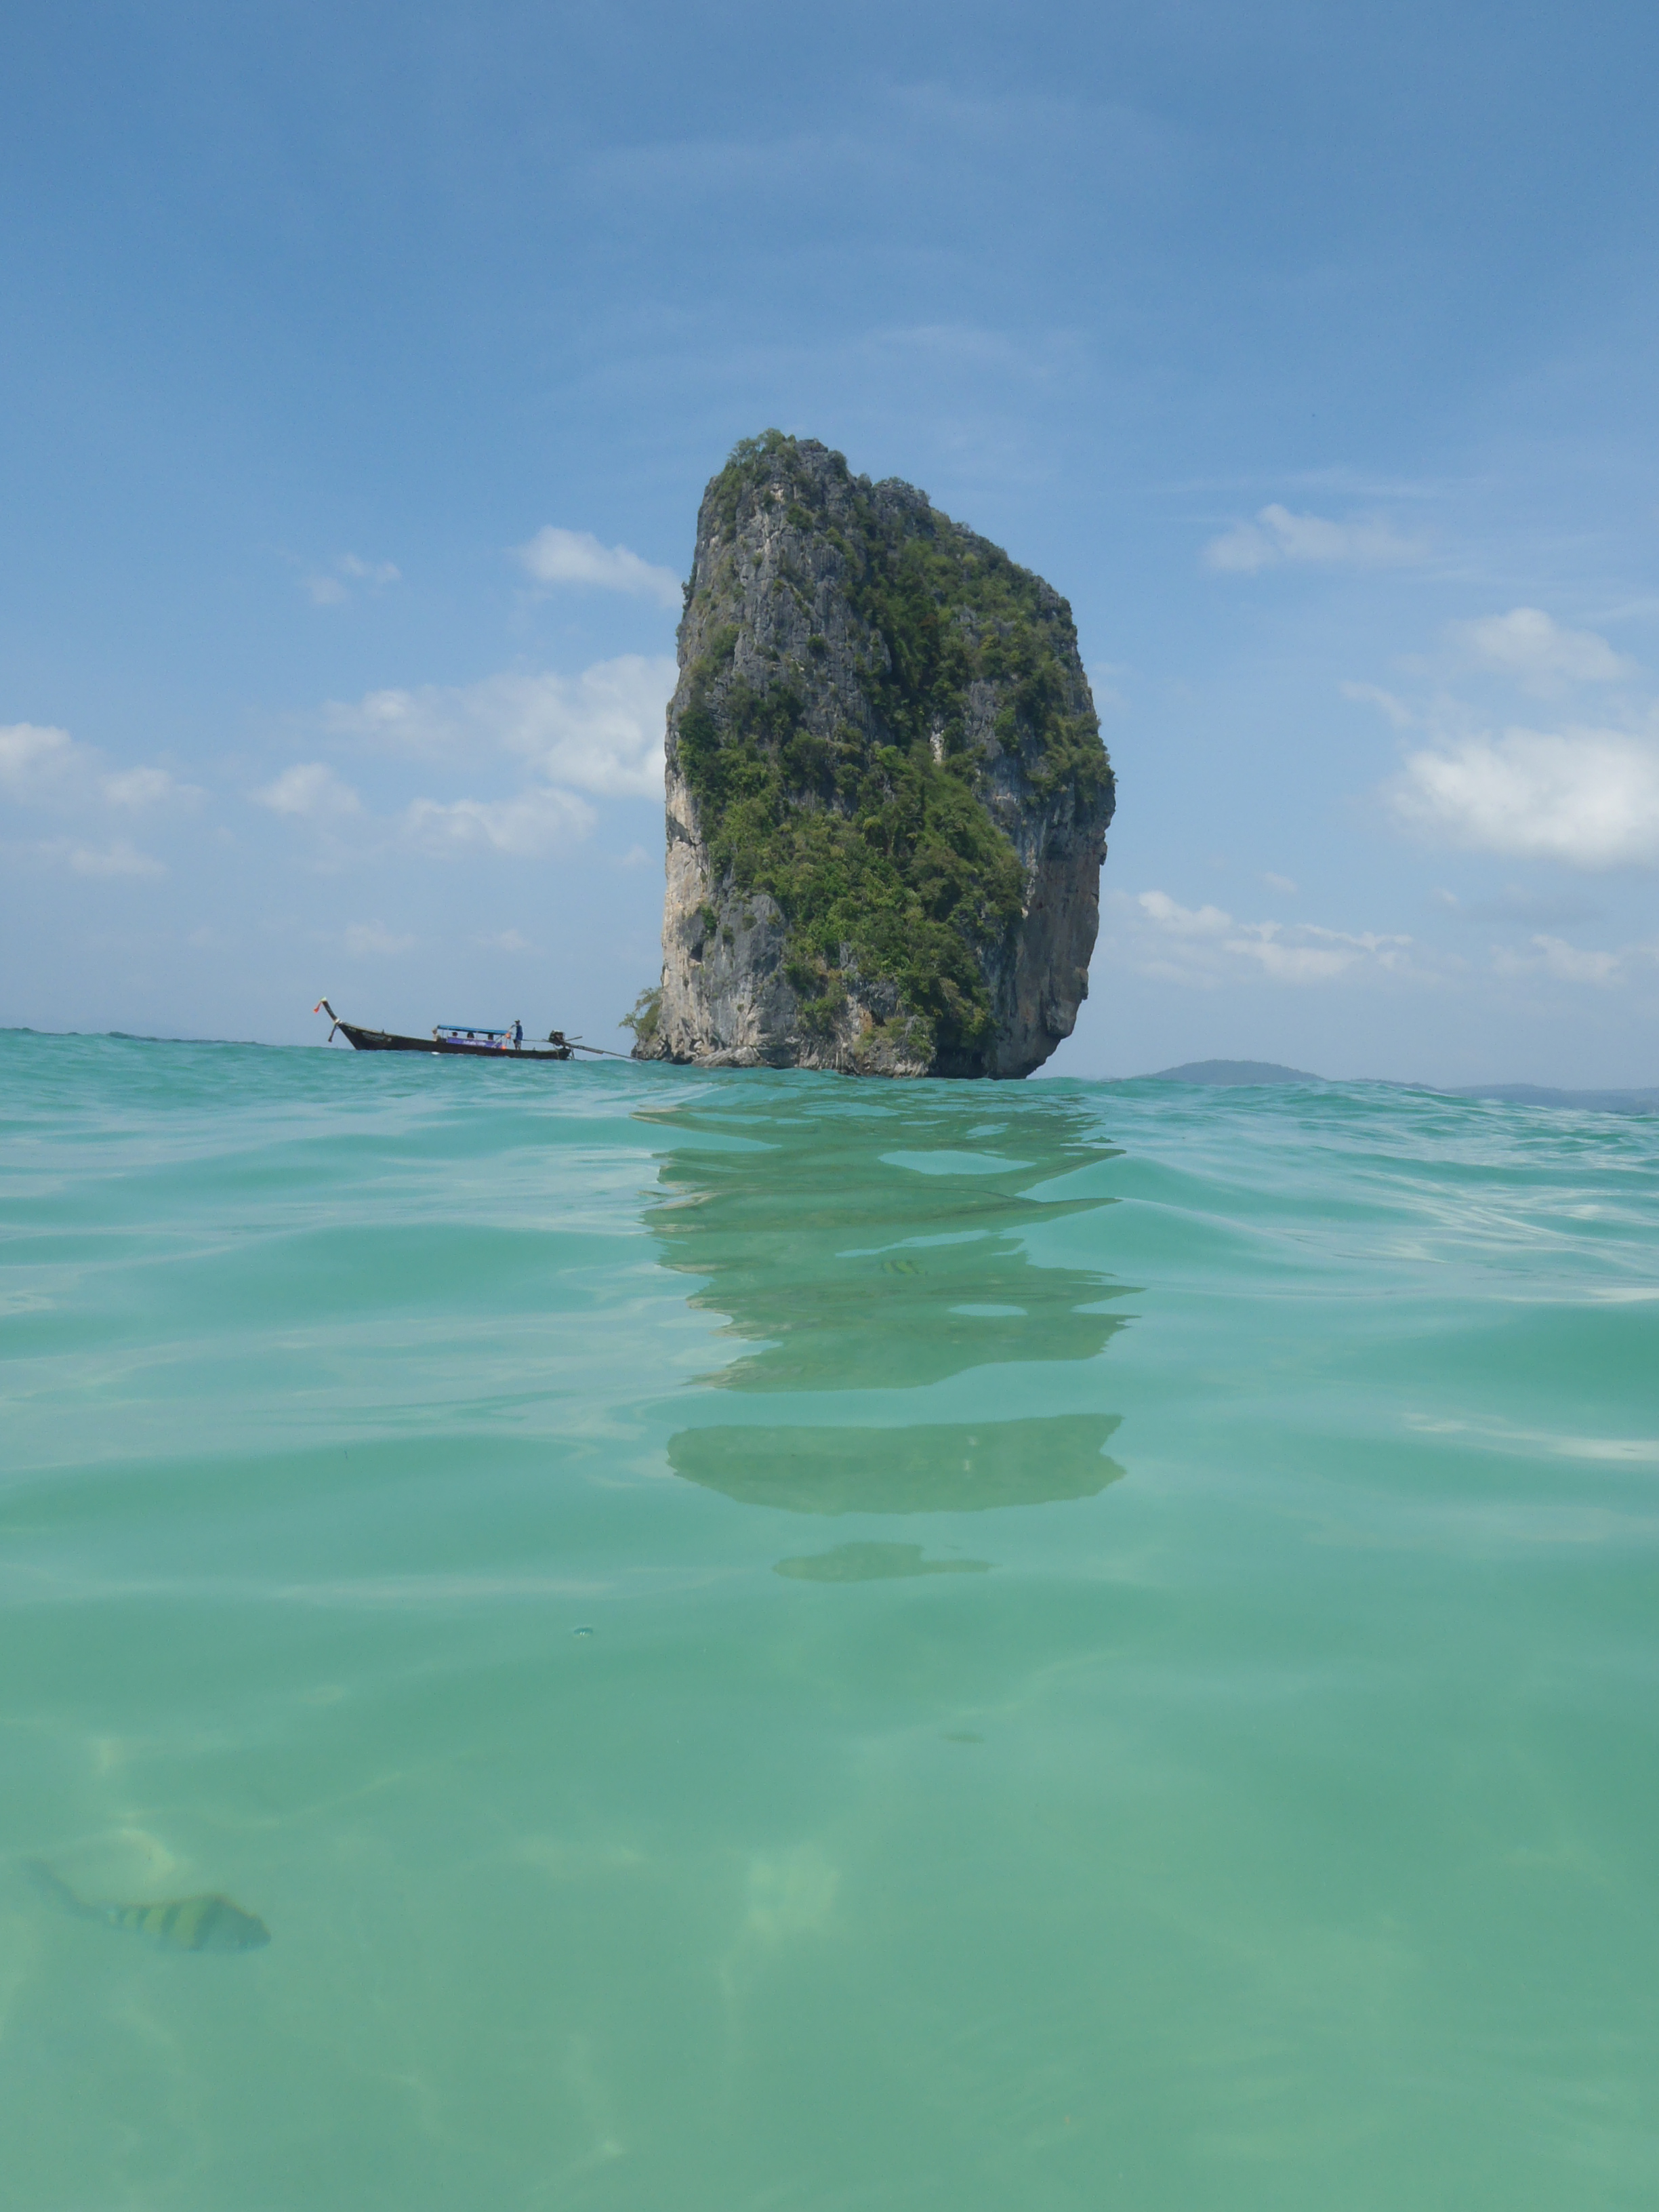 Phuket, Thailand 2012